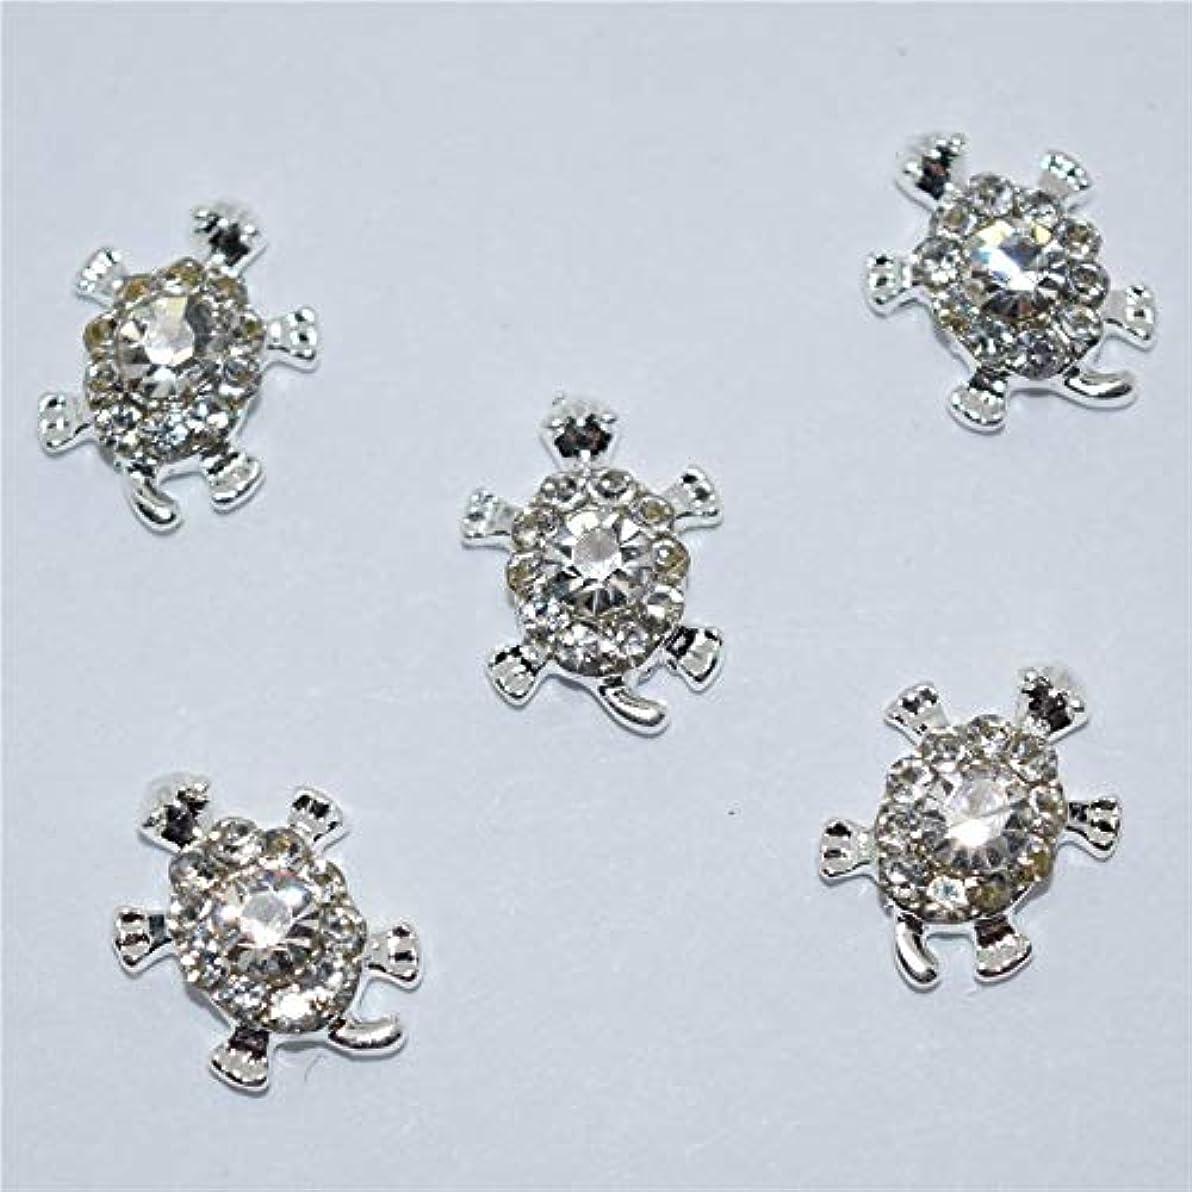 威信完全に乾く付属品10個入り新ホワイトダイヤモンド亀3Dネイルアートの装飾、合金ネイルチャーム、爪ラインストーンネイル用品